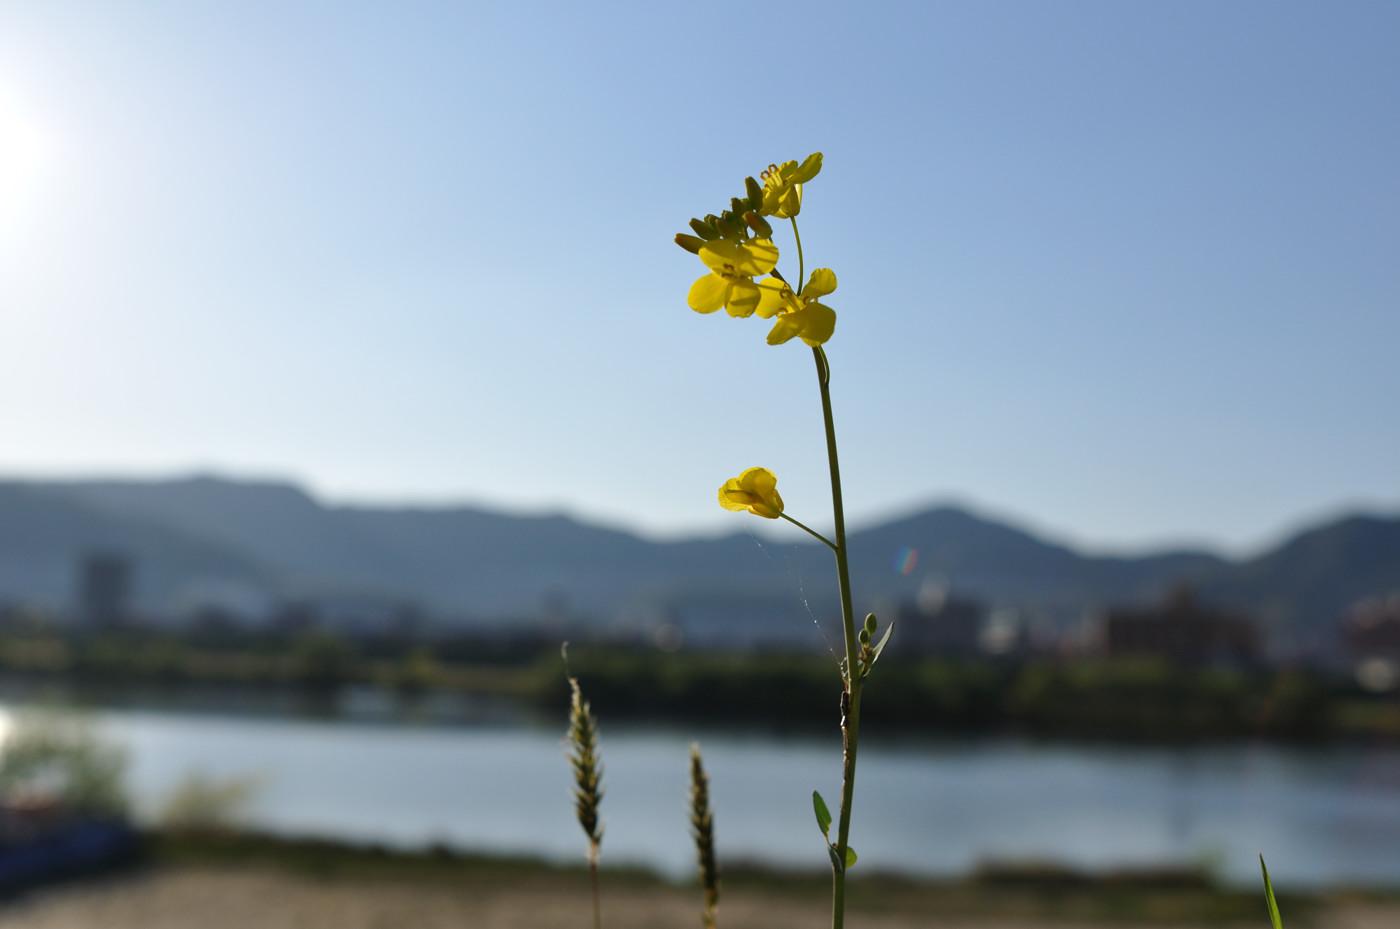 逆光で黄色い花